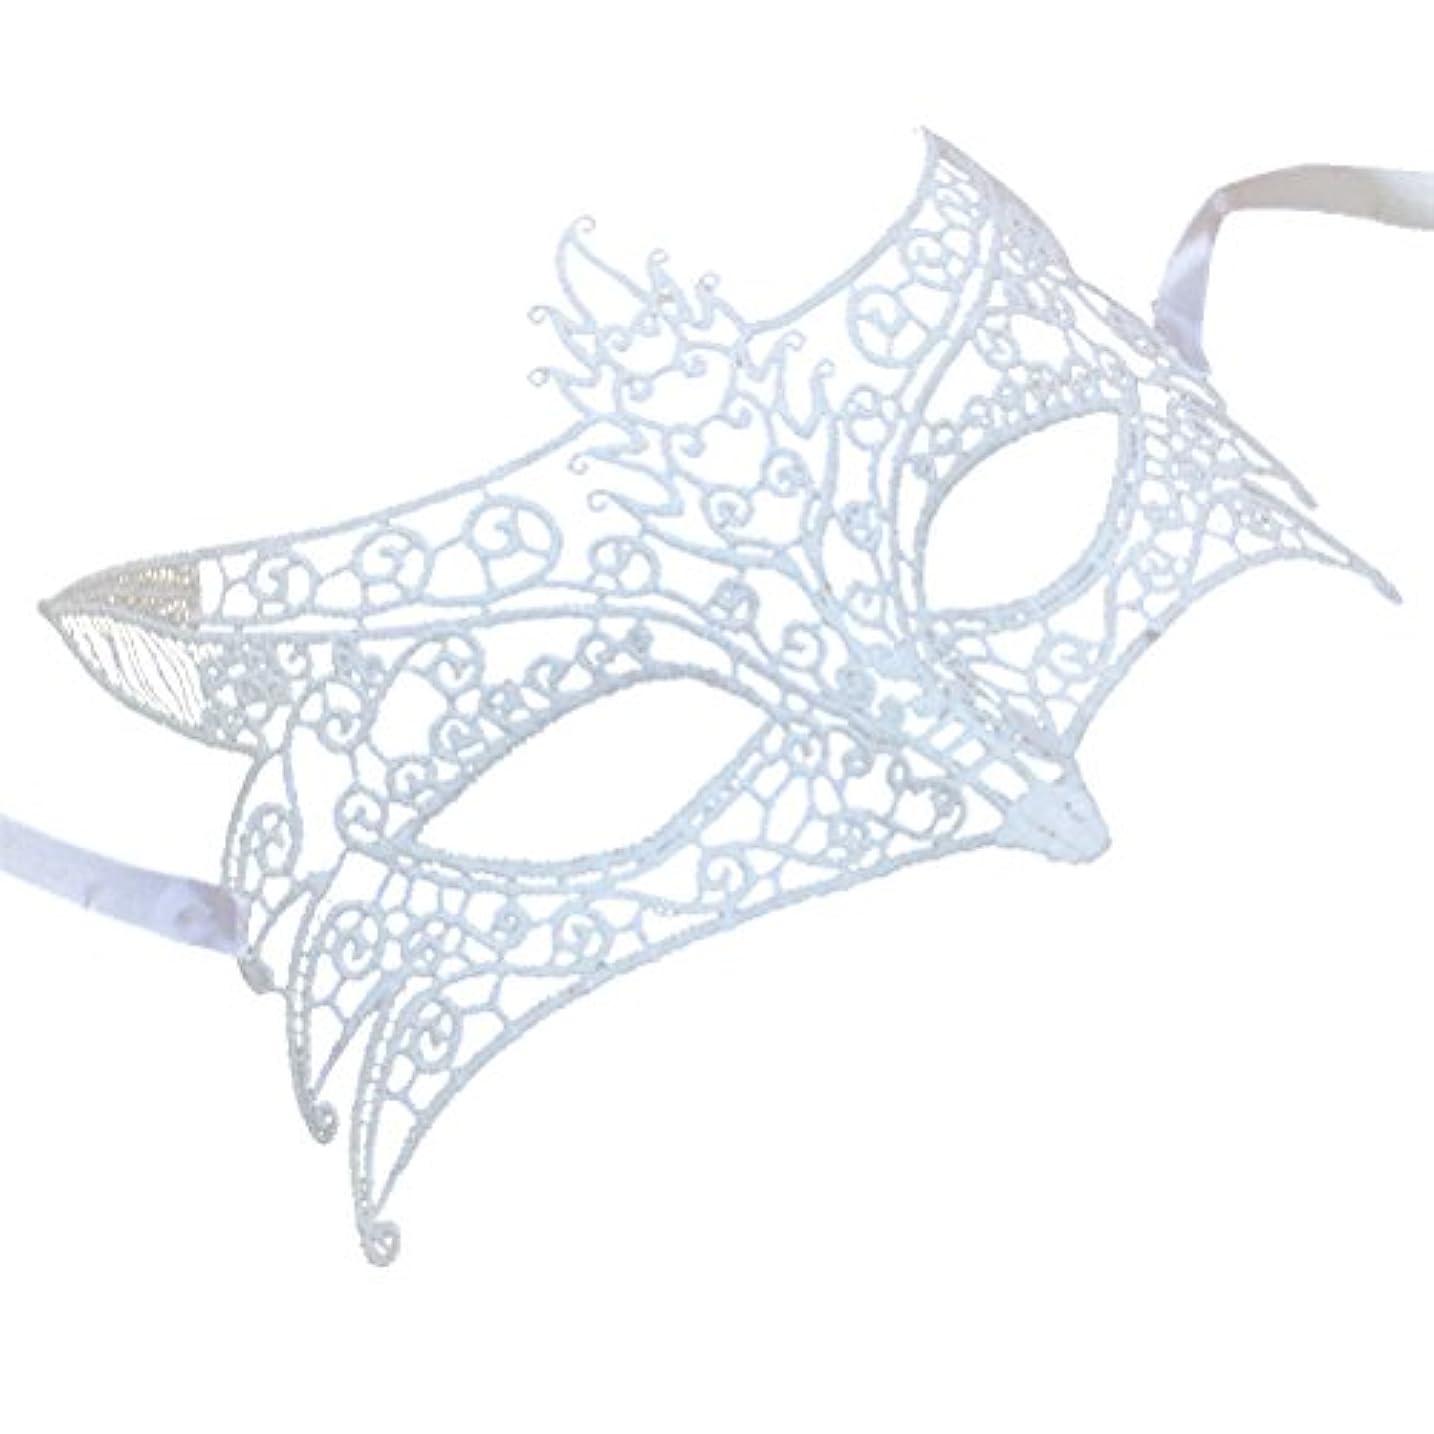 恐れメロドラマ書士AMOSFUN キツネの形をしたレースパーティーマスクイブニングパーティーウエディングマスカレードマスク(ホワイト)